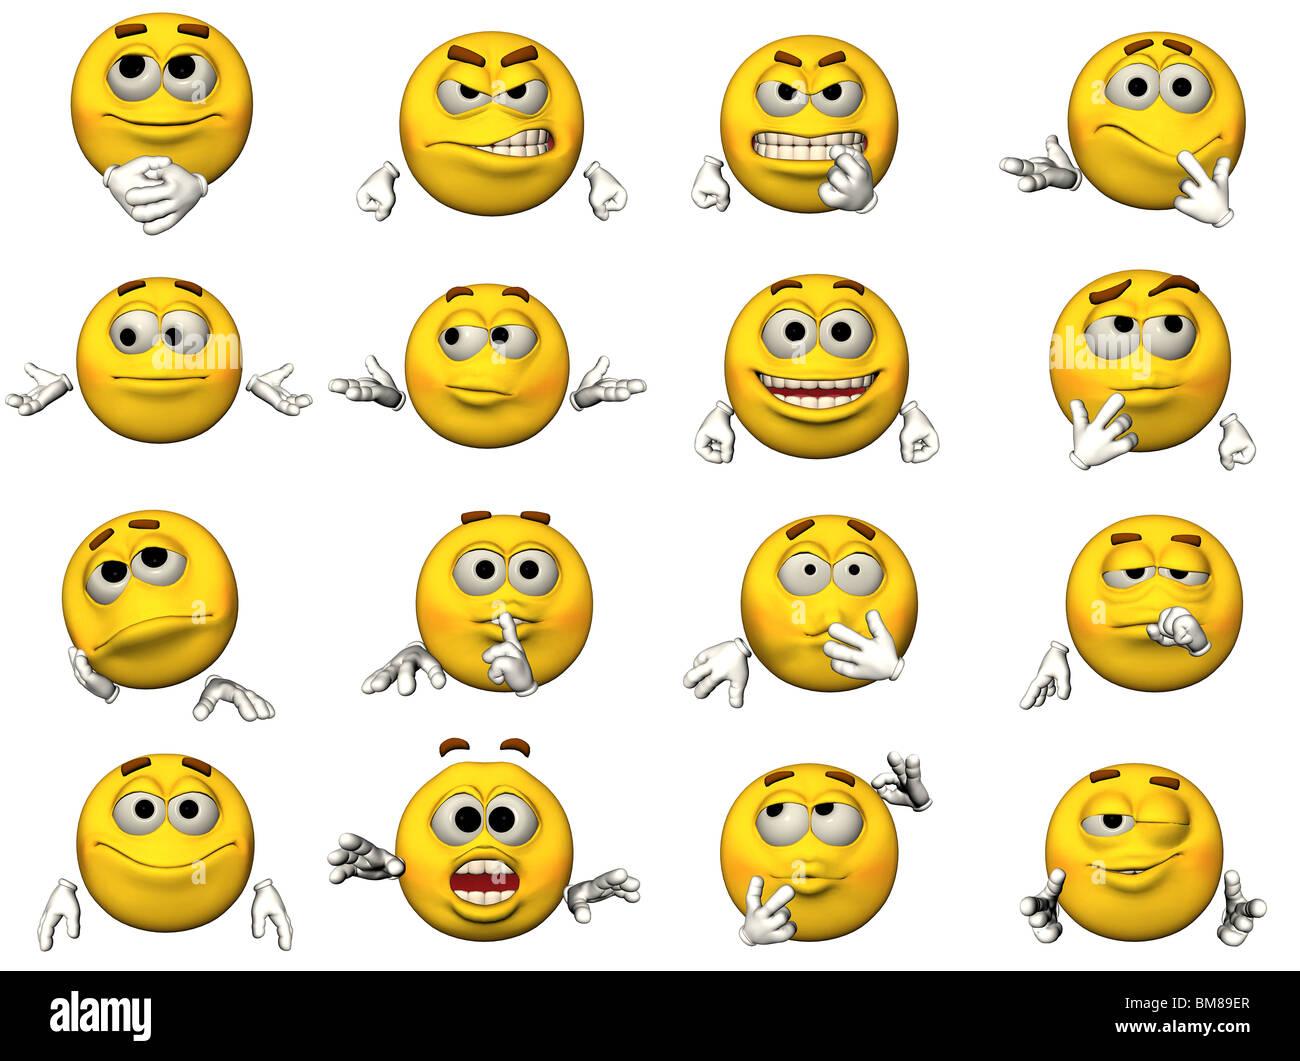 16 illustrazioni isolate di emoticon Immagini Stock